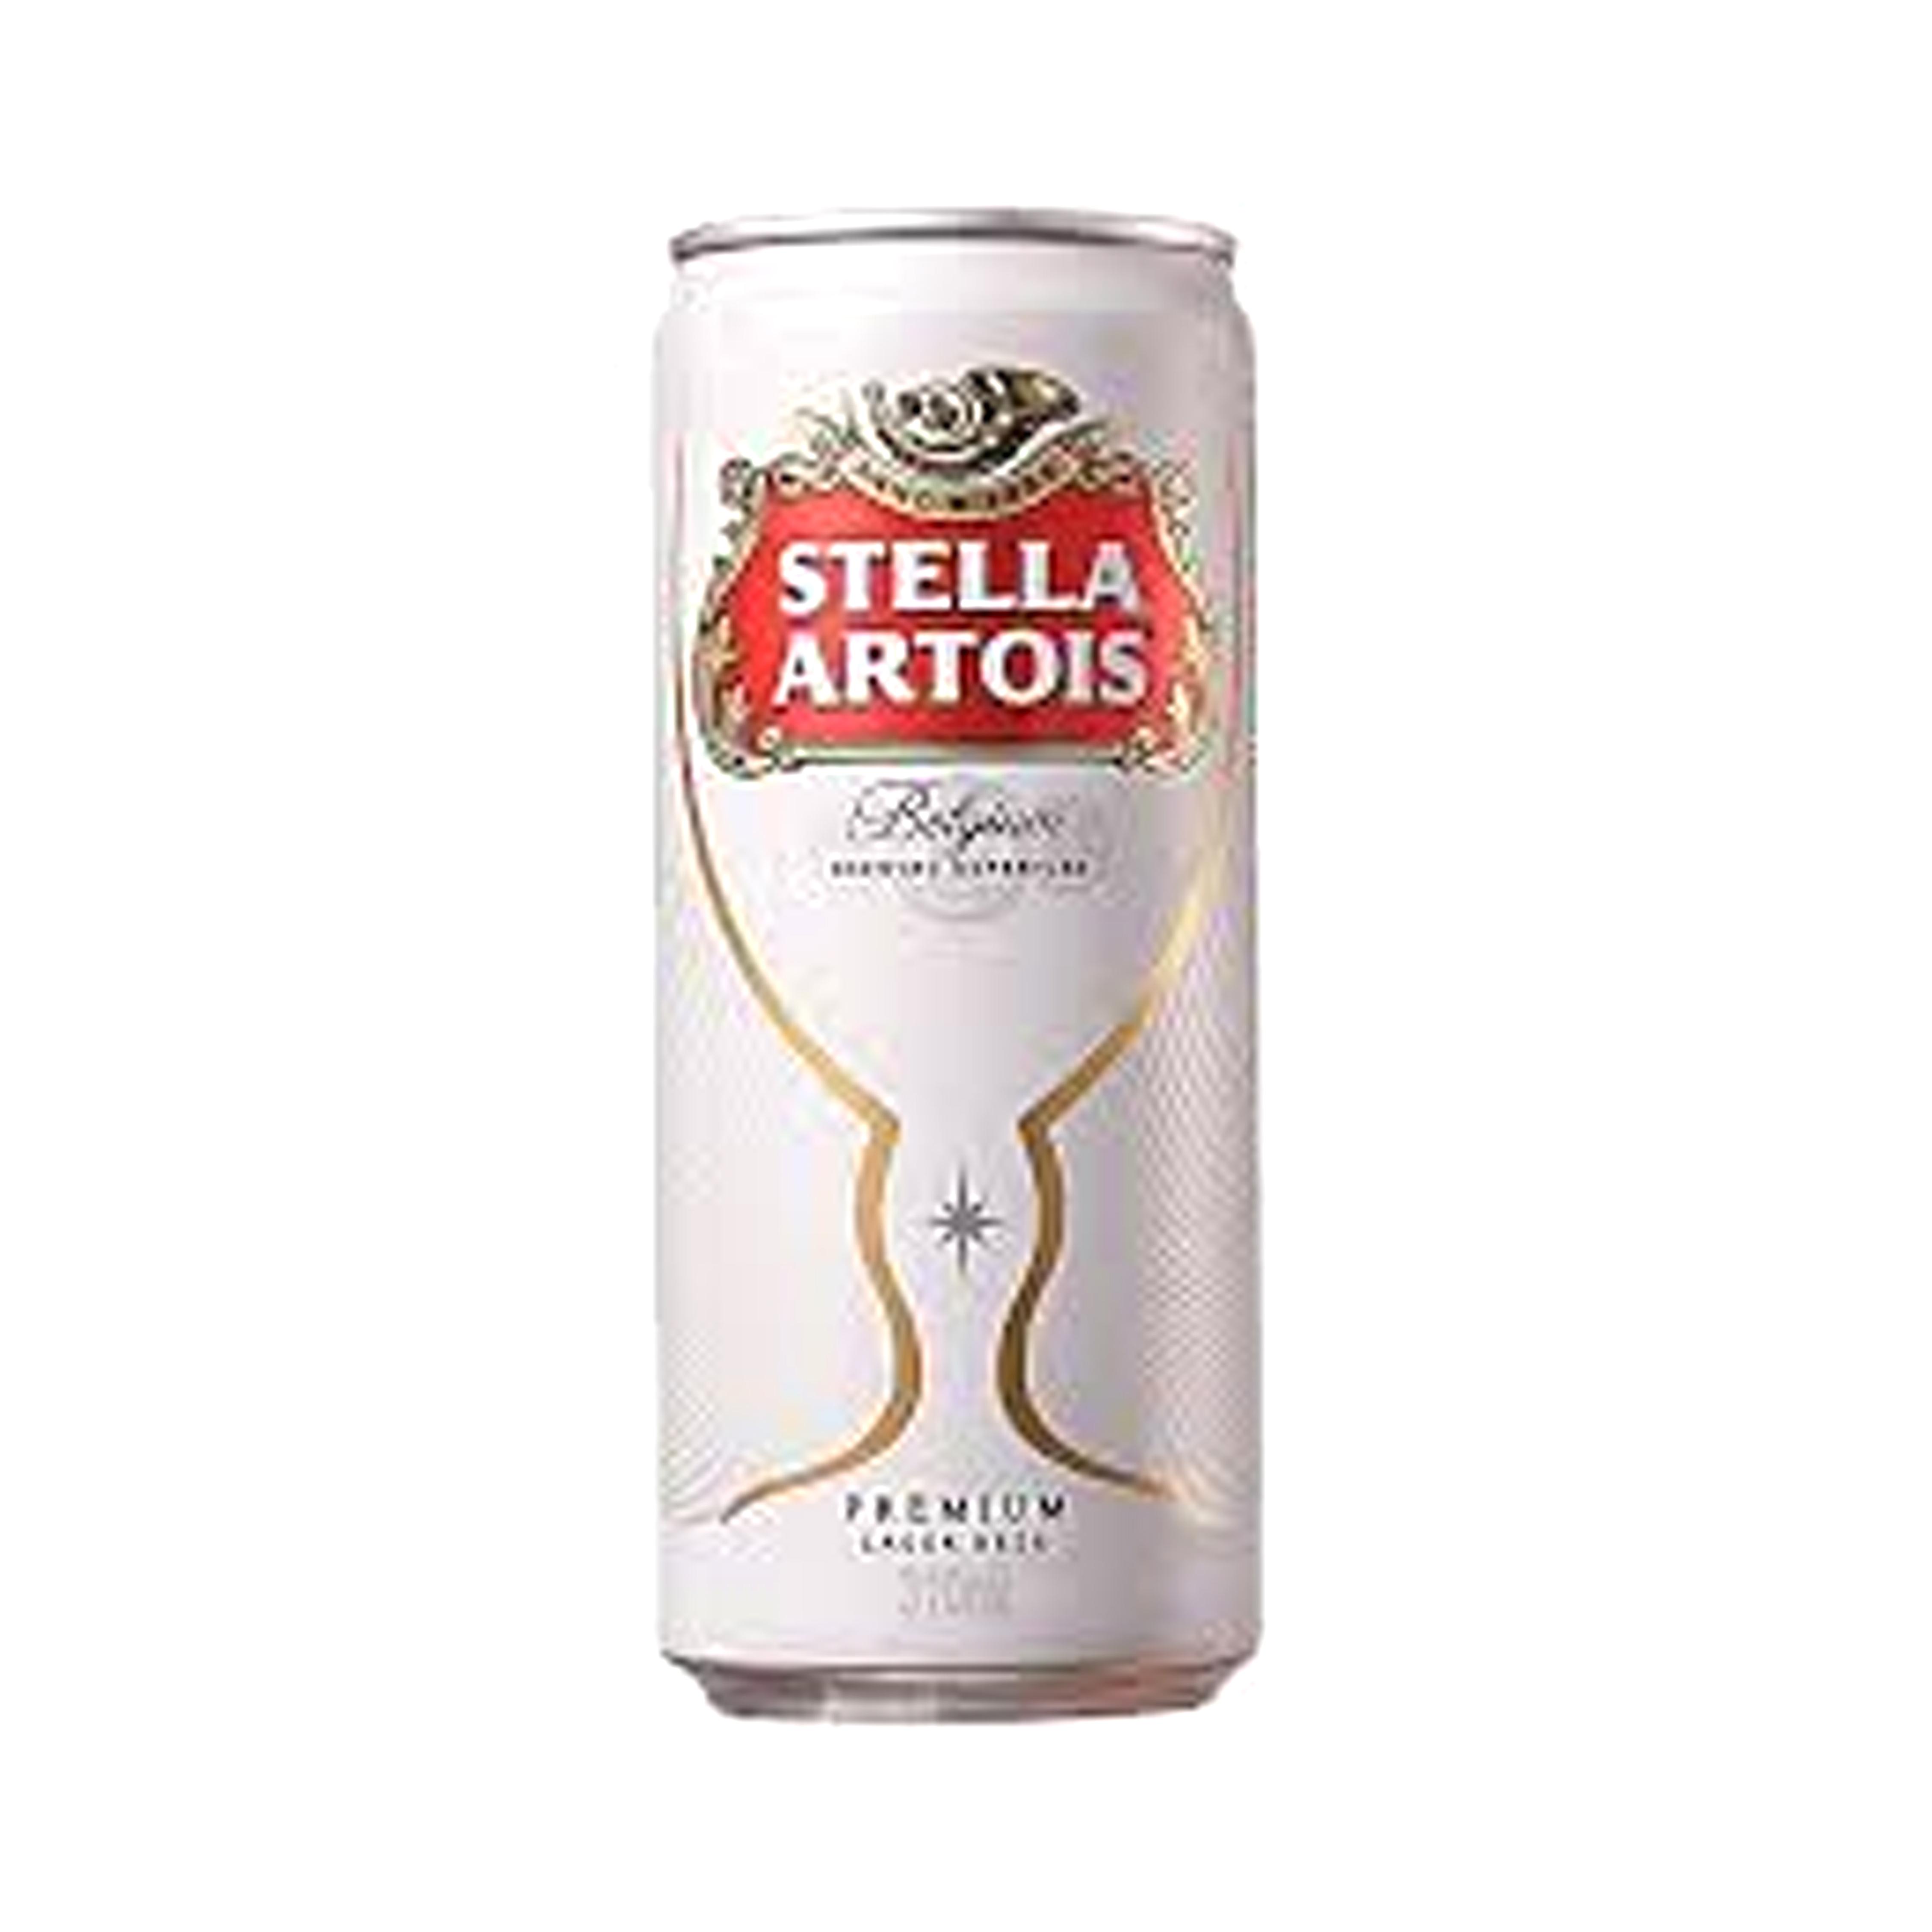 ლუდი სტელა არტუა 0.44 ლ. ქილა